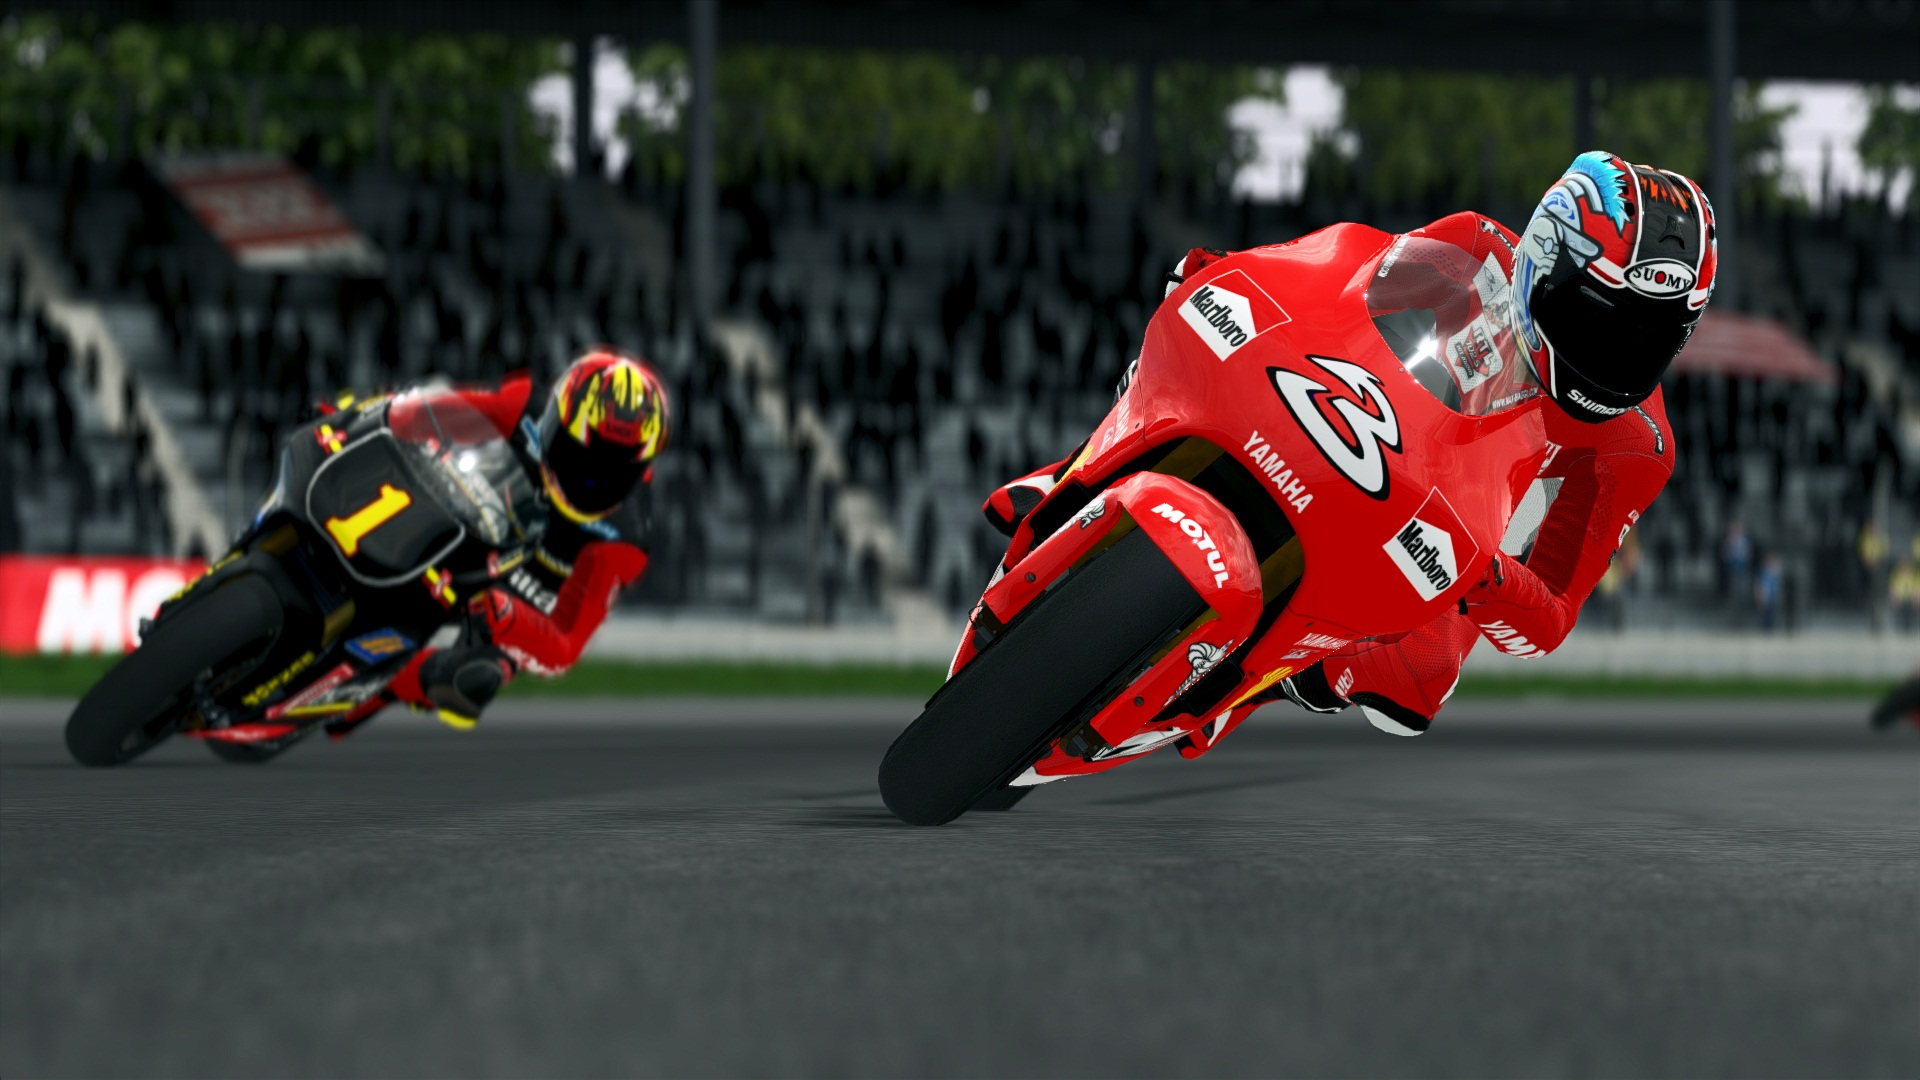 MotoGP14X64.exe_DX11_20140727_100712.jpg